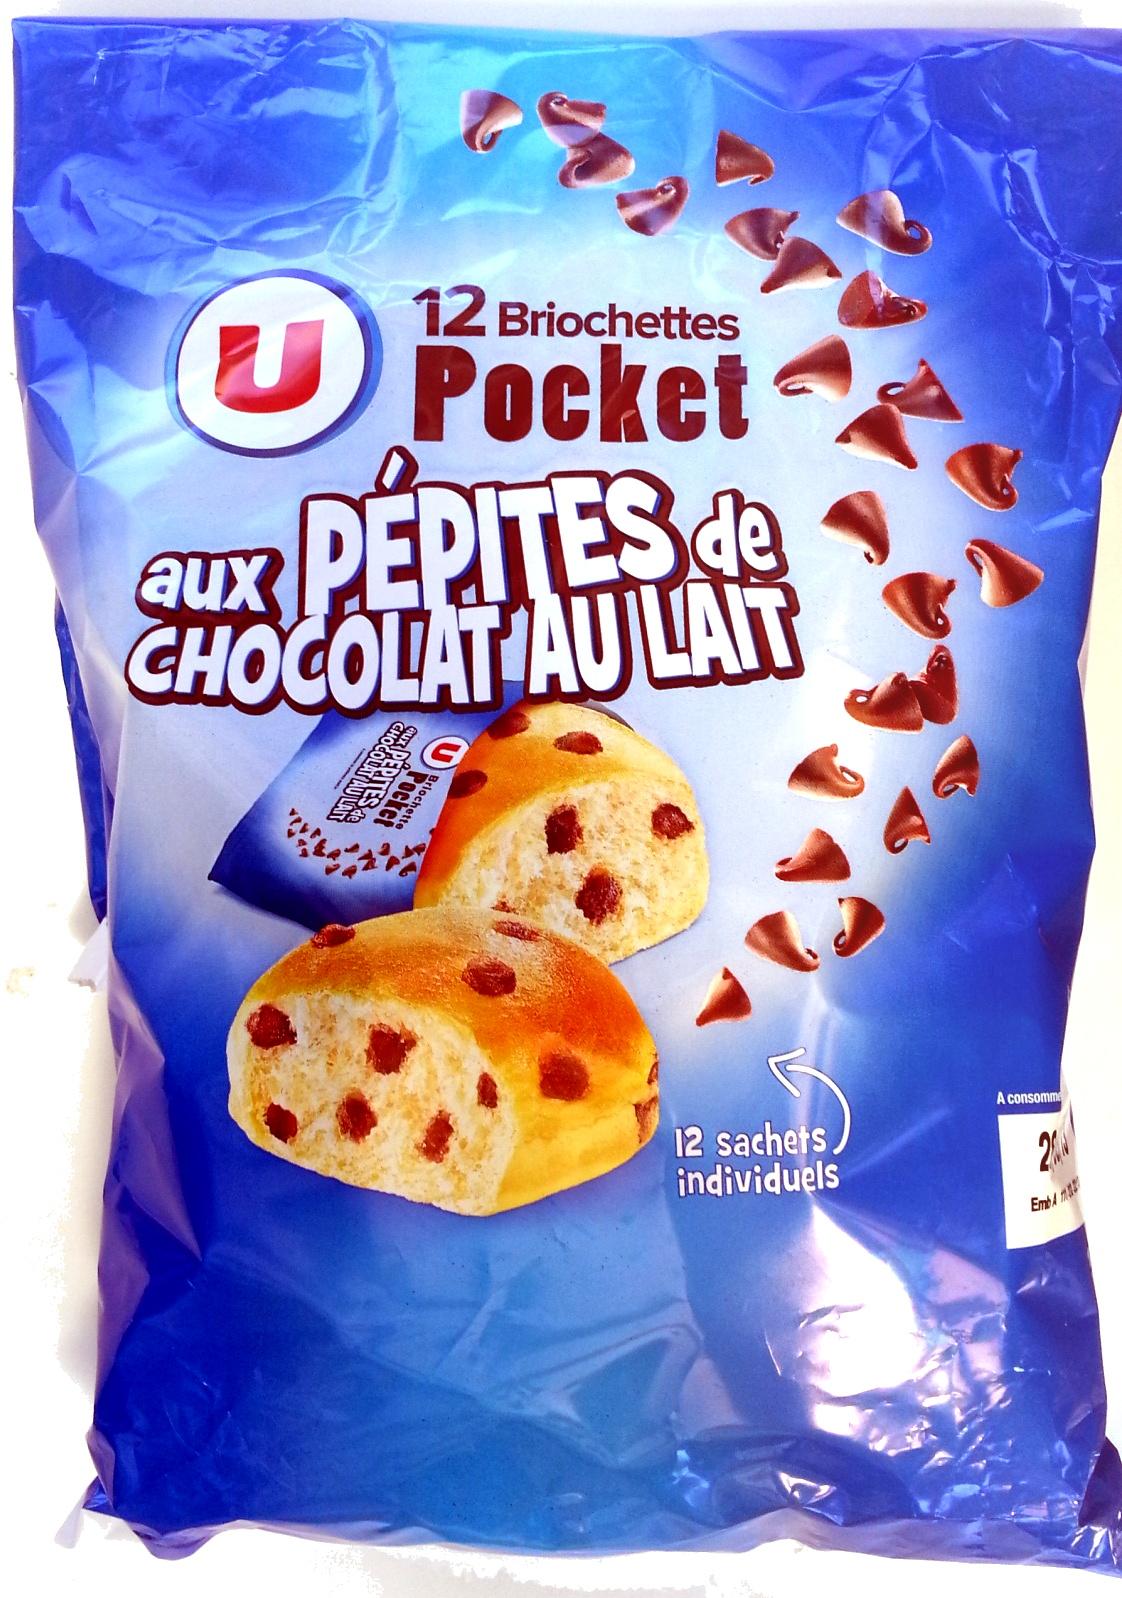 Briochettes Pocket (x 12) aux pépites de chocolat au lait 420 g - U - Produit - fr